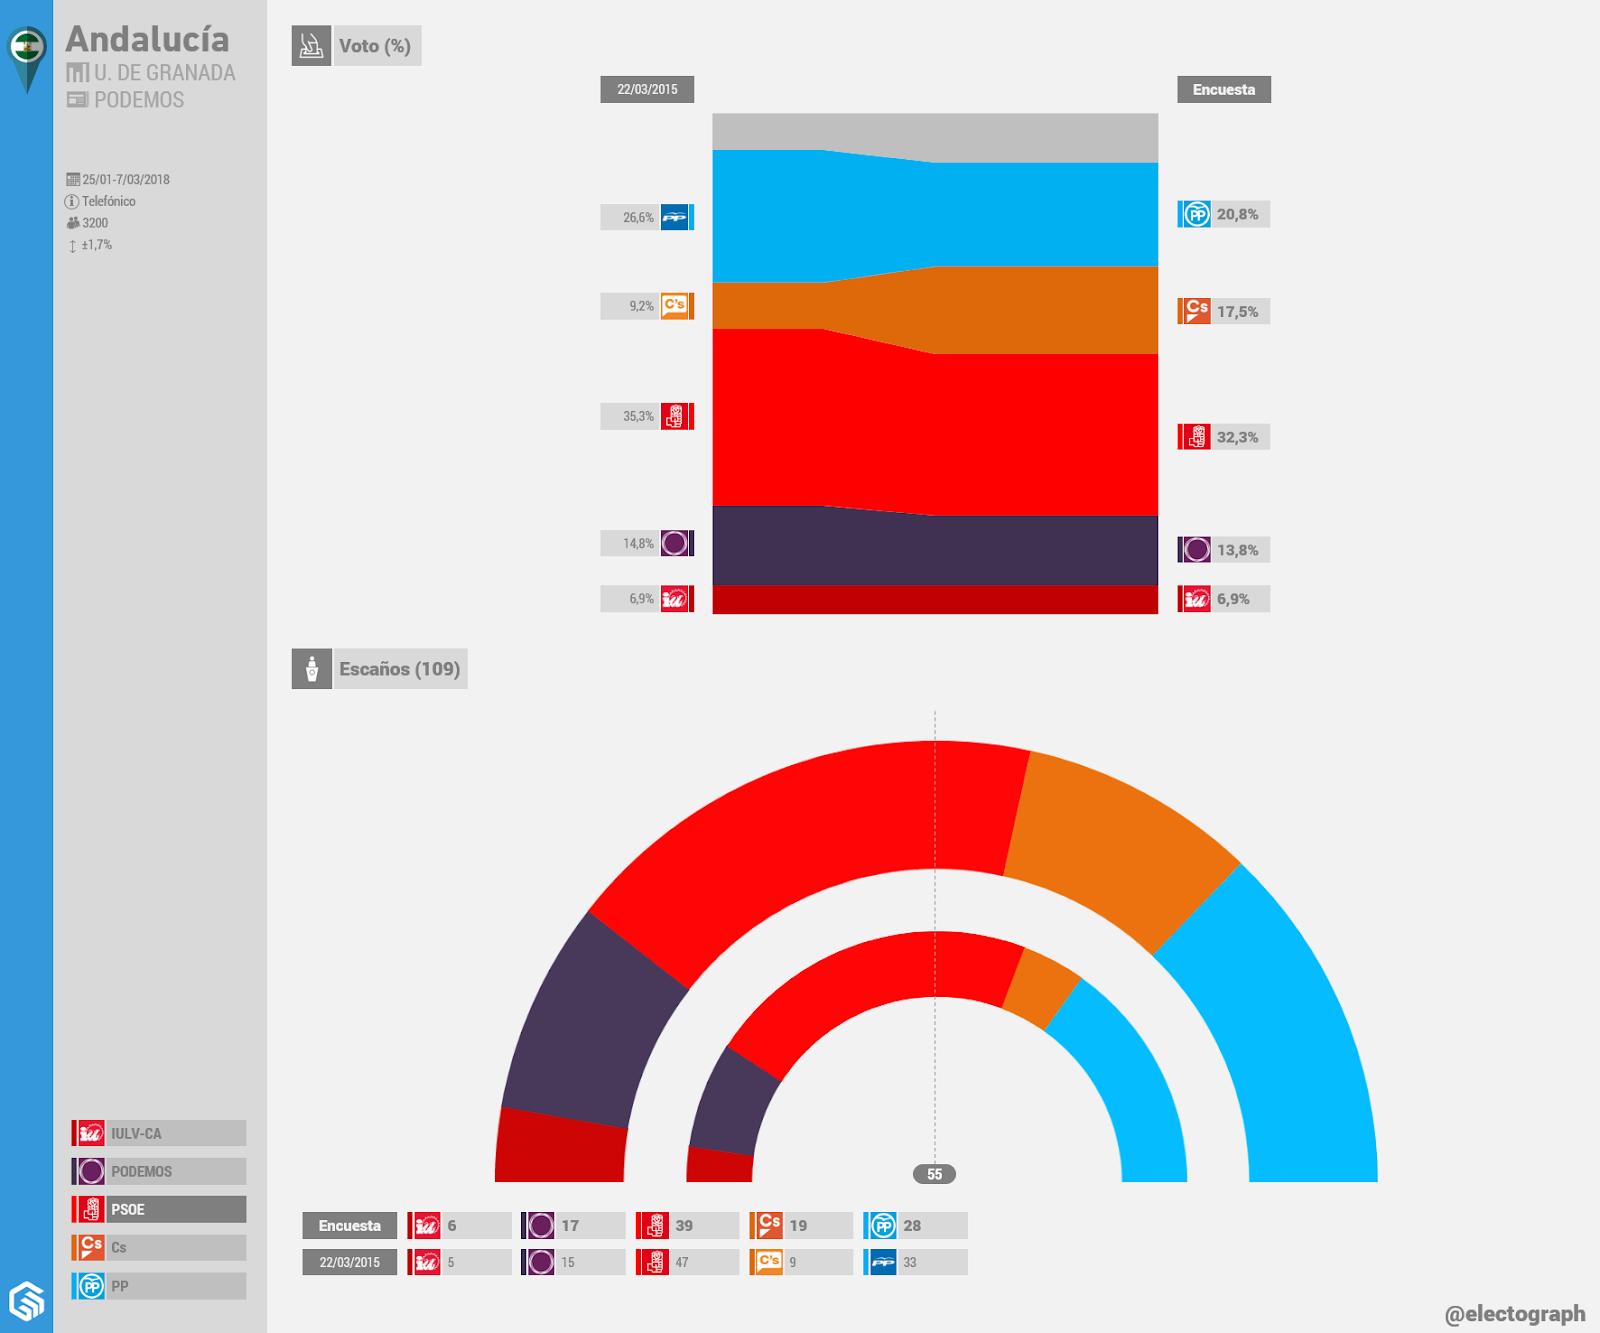 Gráfico de la encuesta para elecciones autonómicas en Andalucía realizada por el Instituto de Desarrollo Regional de la Universidad de Granada para Podemos en marzo de 2018